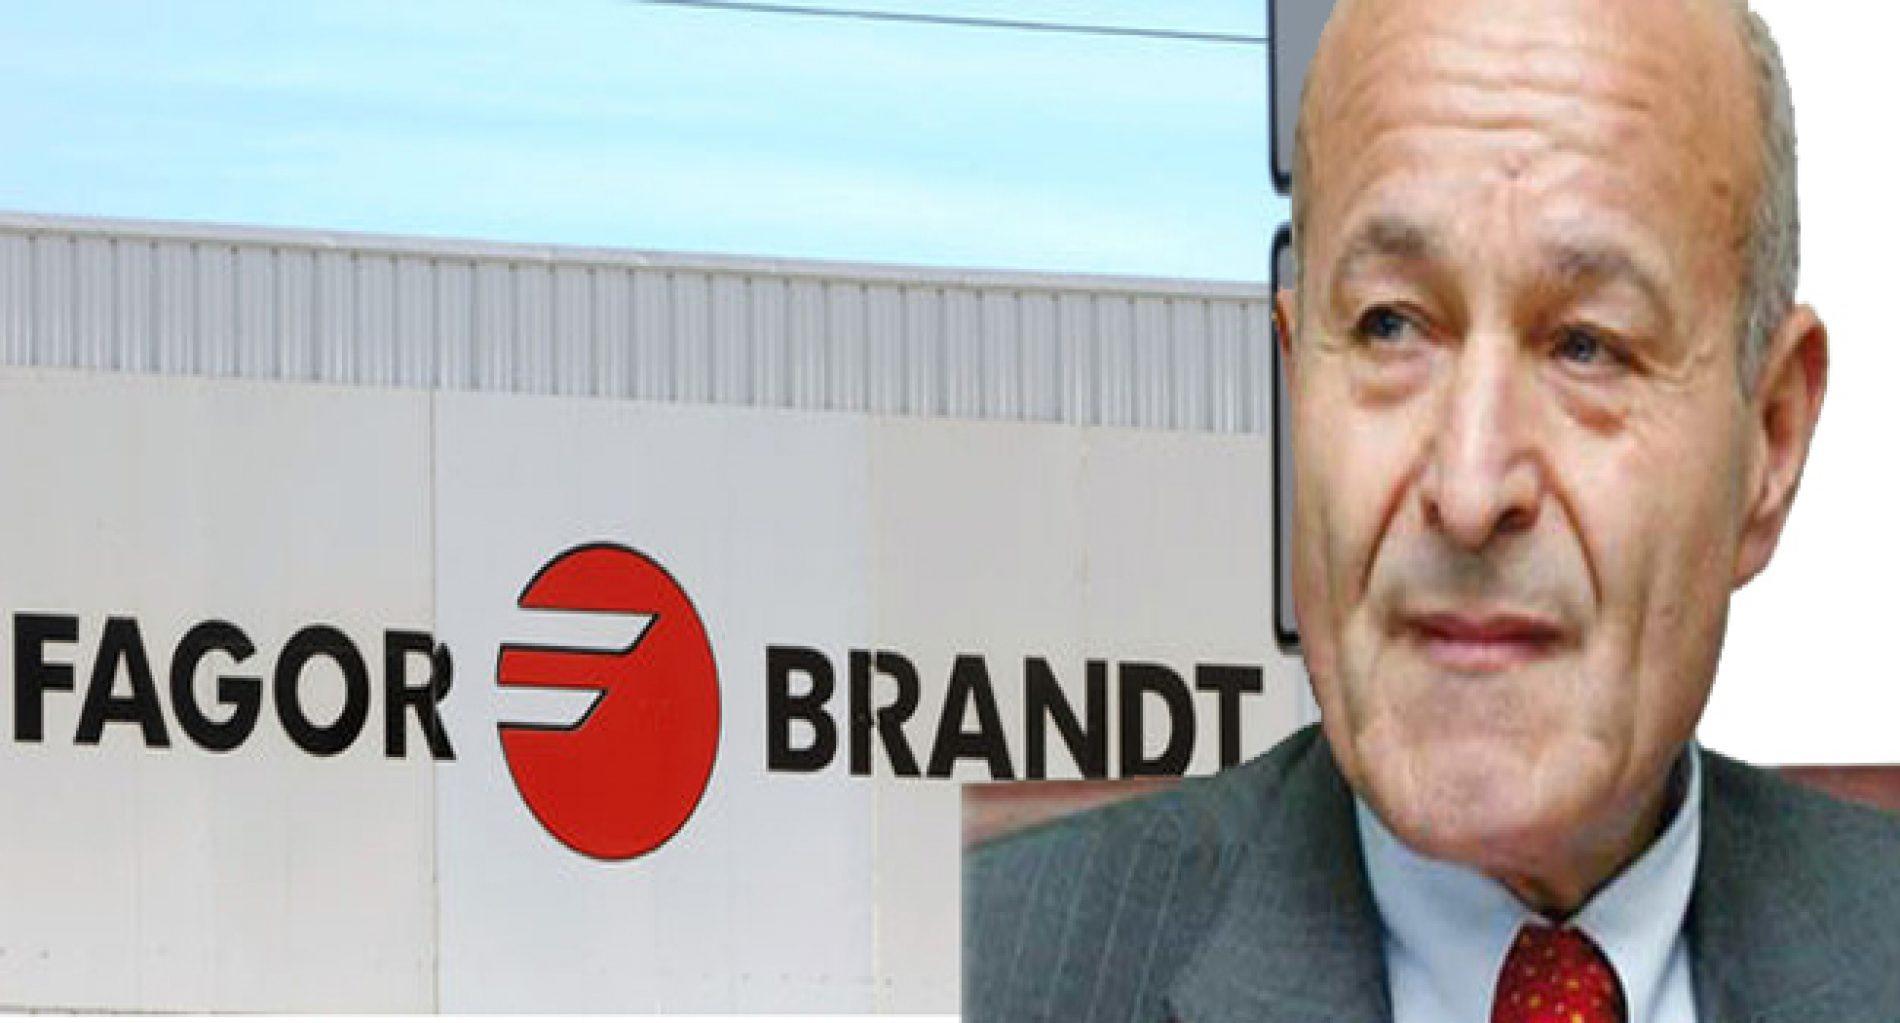 Sétif: Brandt recrutera plus de 7.500 employés à partir du 1er trimestre 2017